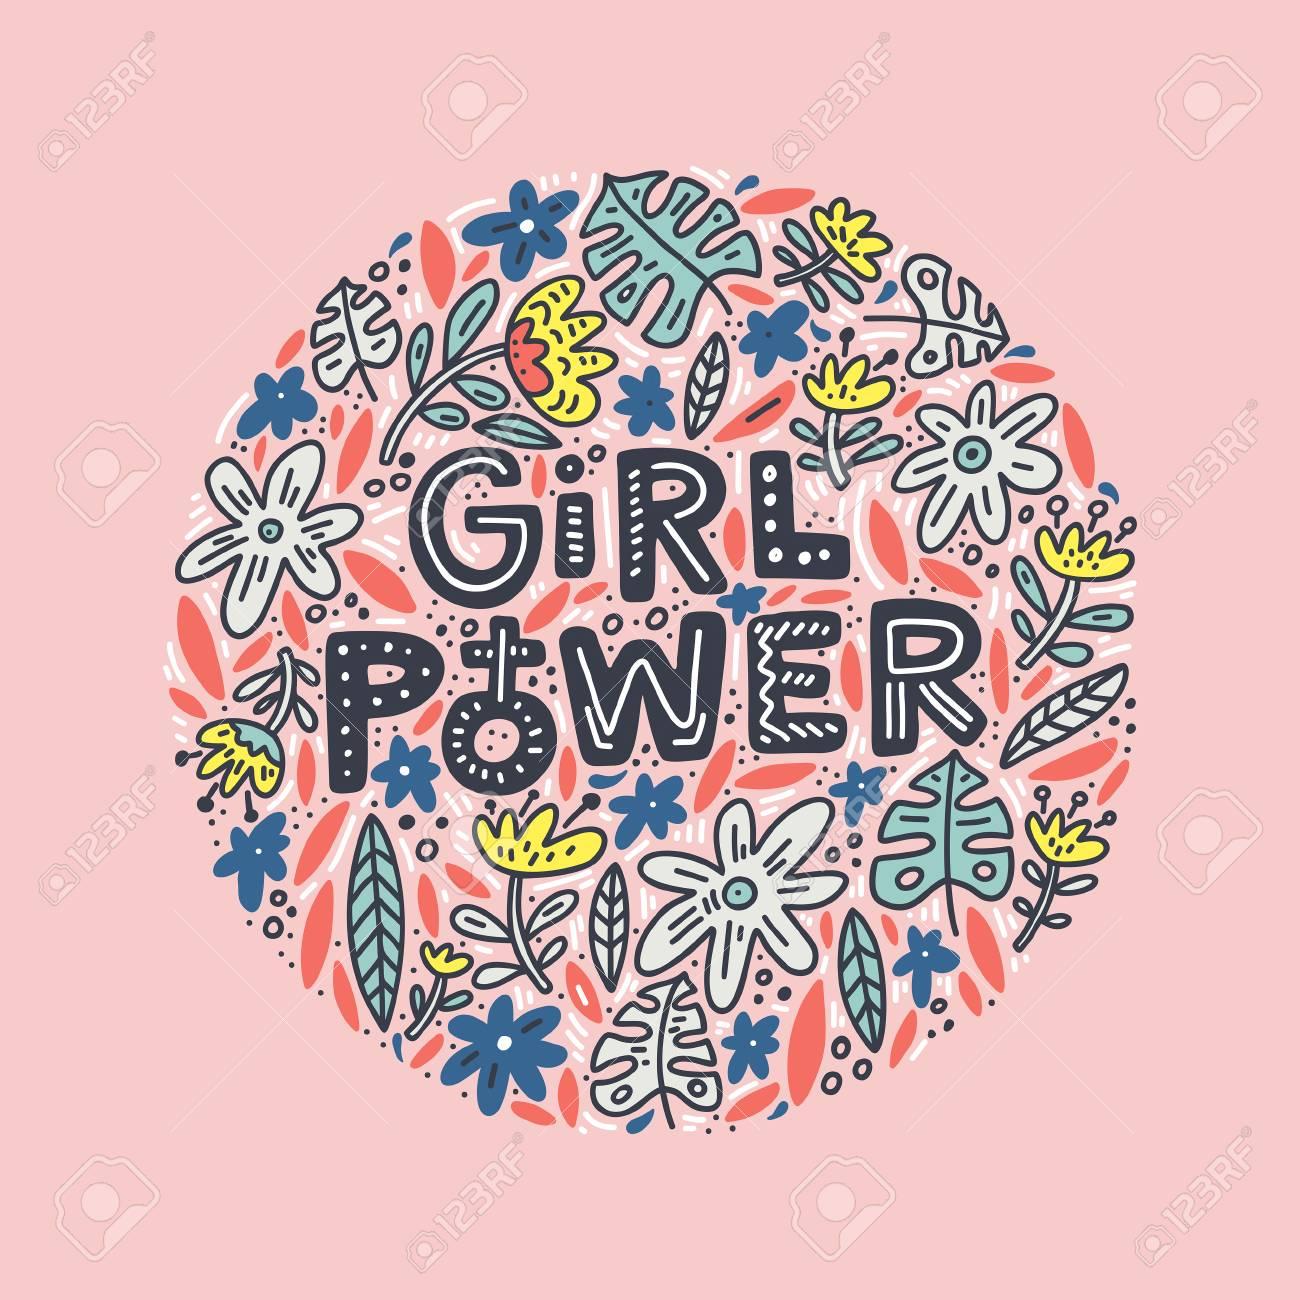 Projeto De Rotulação Da Menina Poder Com Flores Inspiradora Citação Citação De Feminismo Frase Para Cartazes Camisetas E Arte De Parede Desenho